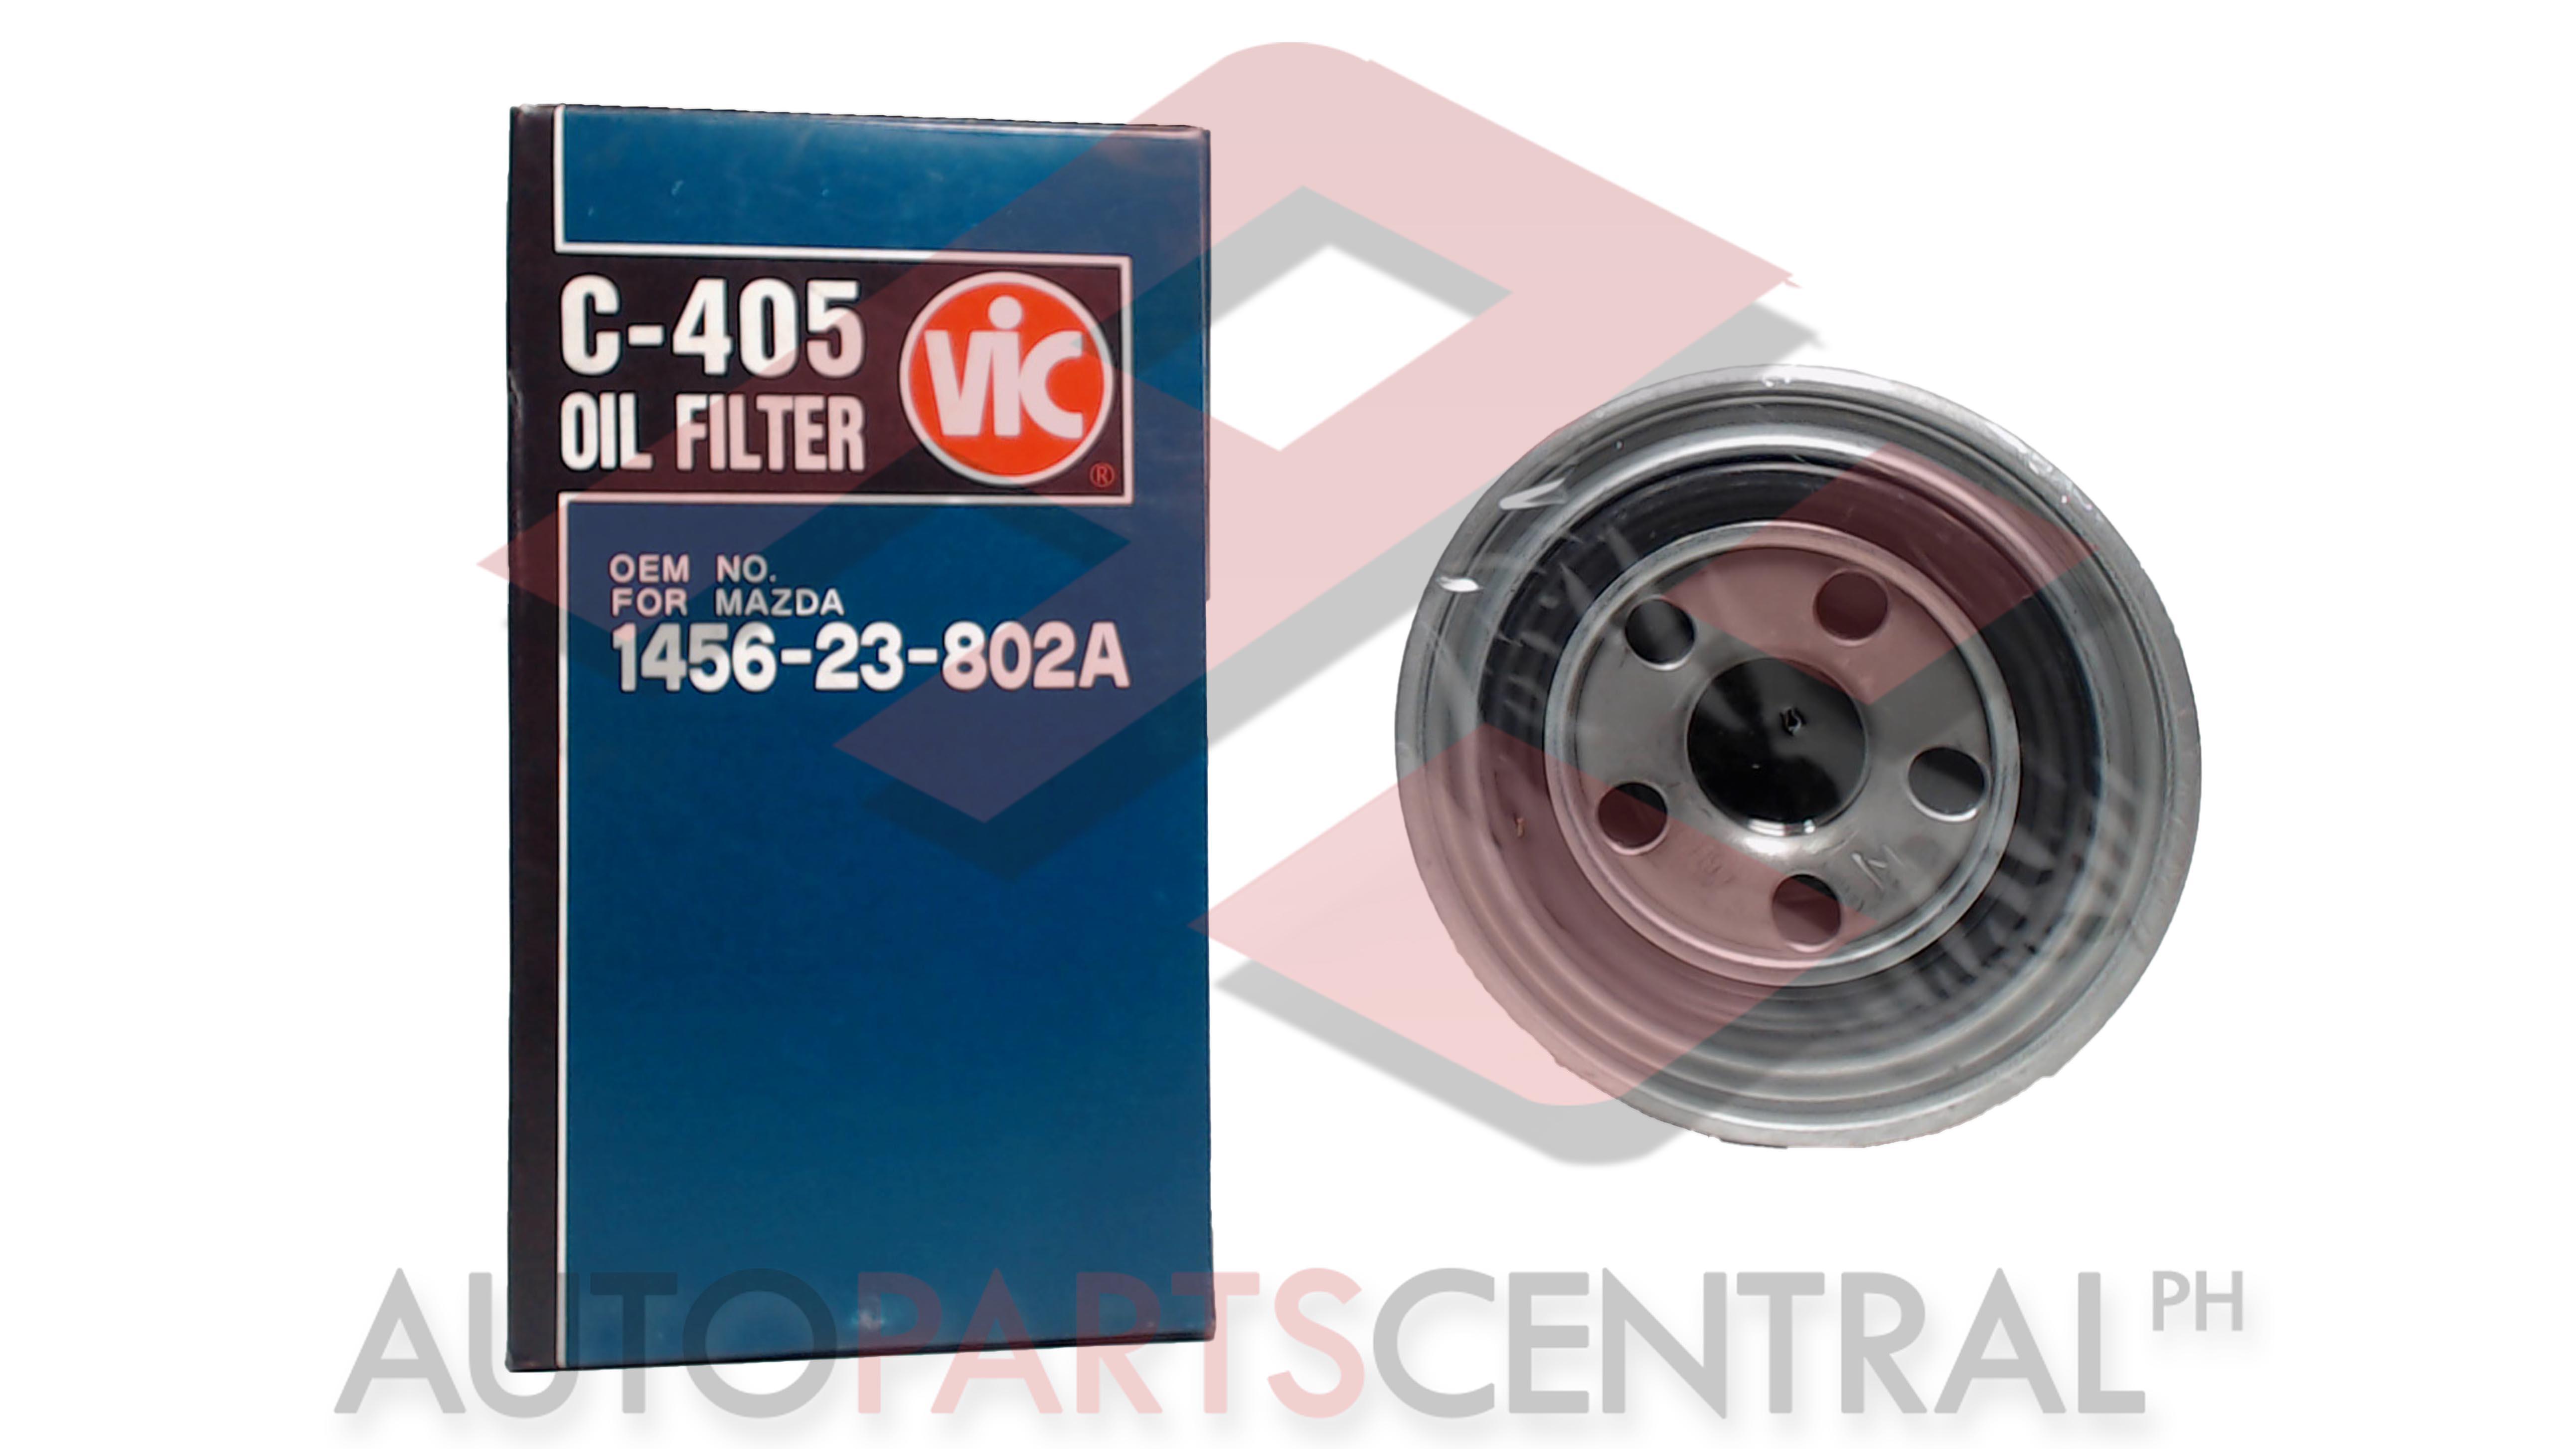 Oil Filter Vic C 405 Mazda Autopartscentralph 1110 Fuel